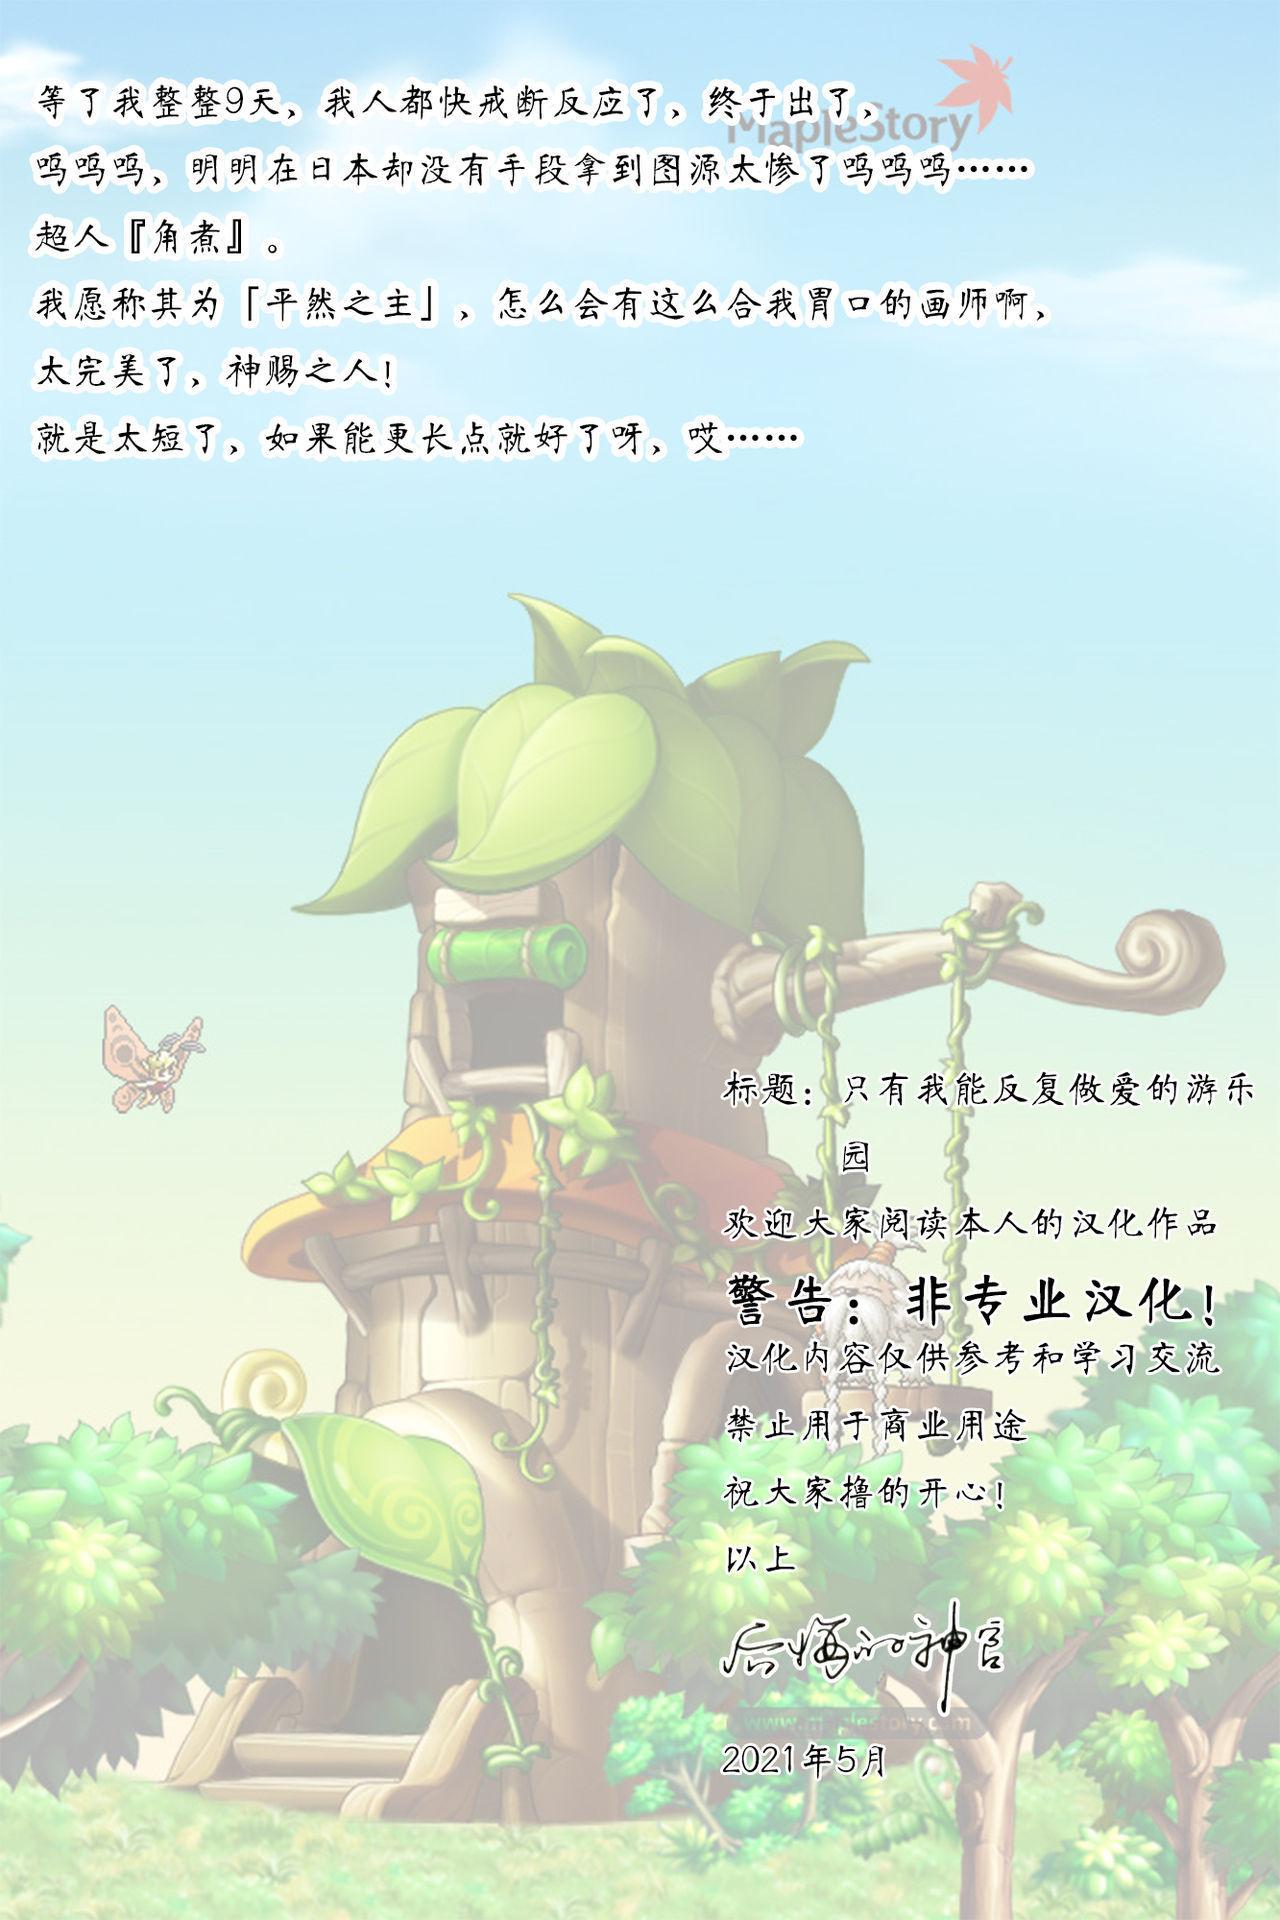 常識改変活動記録 #03 俺だけヤリまくりランド 10